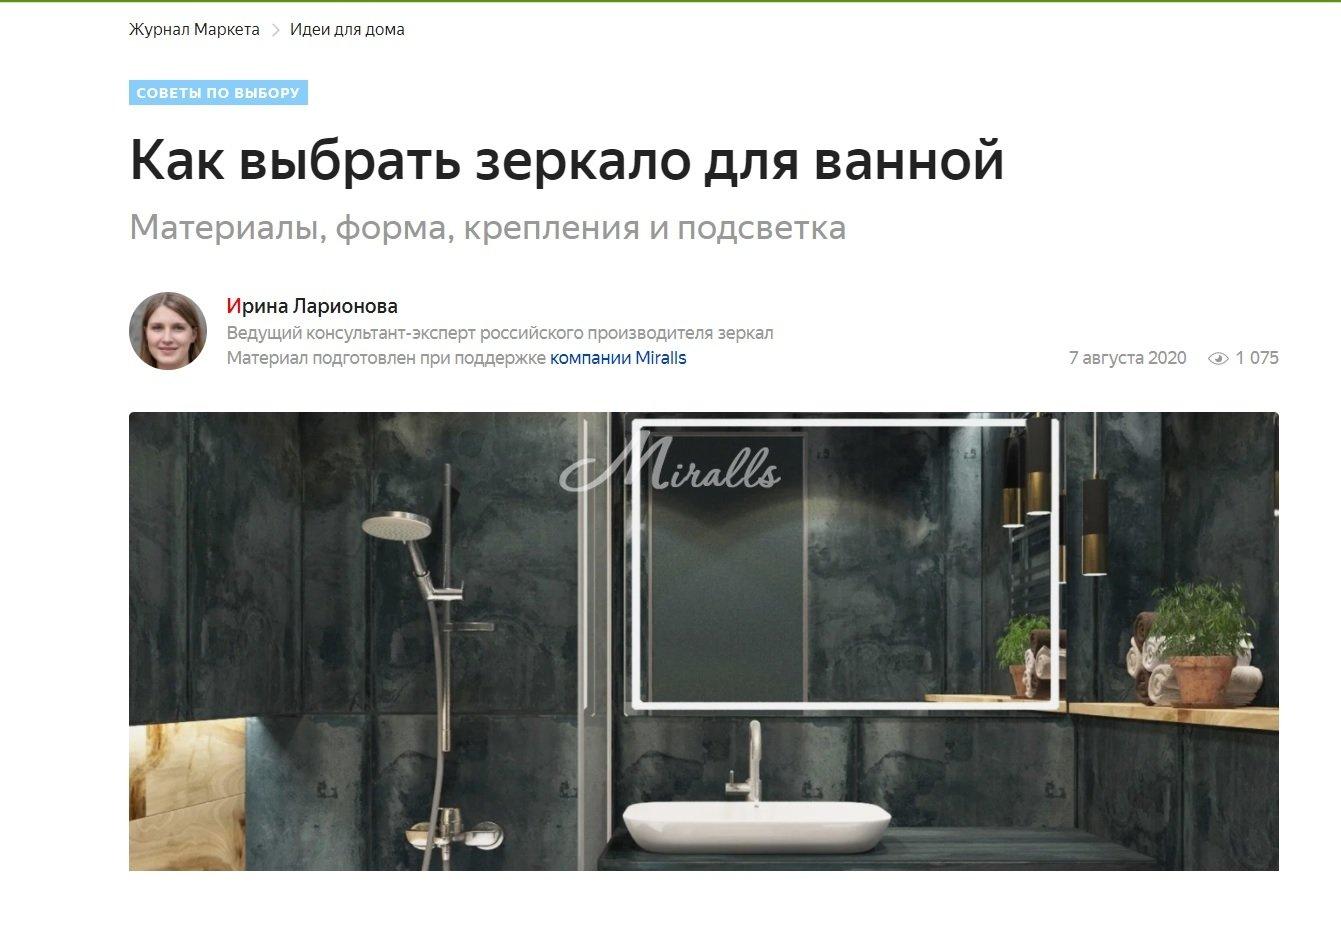 Как выбрать зеркало для ванной. Яндекс.Маркет